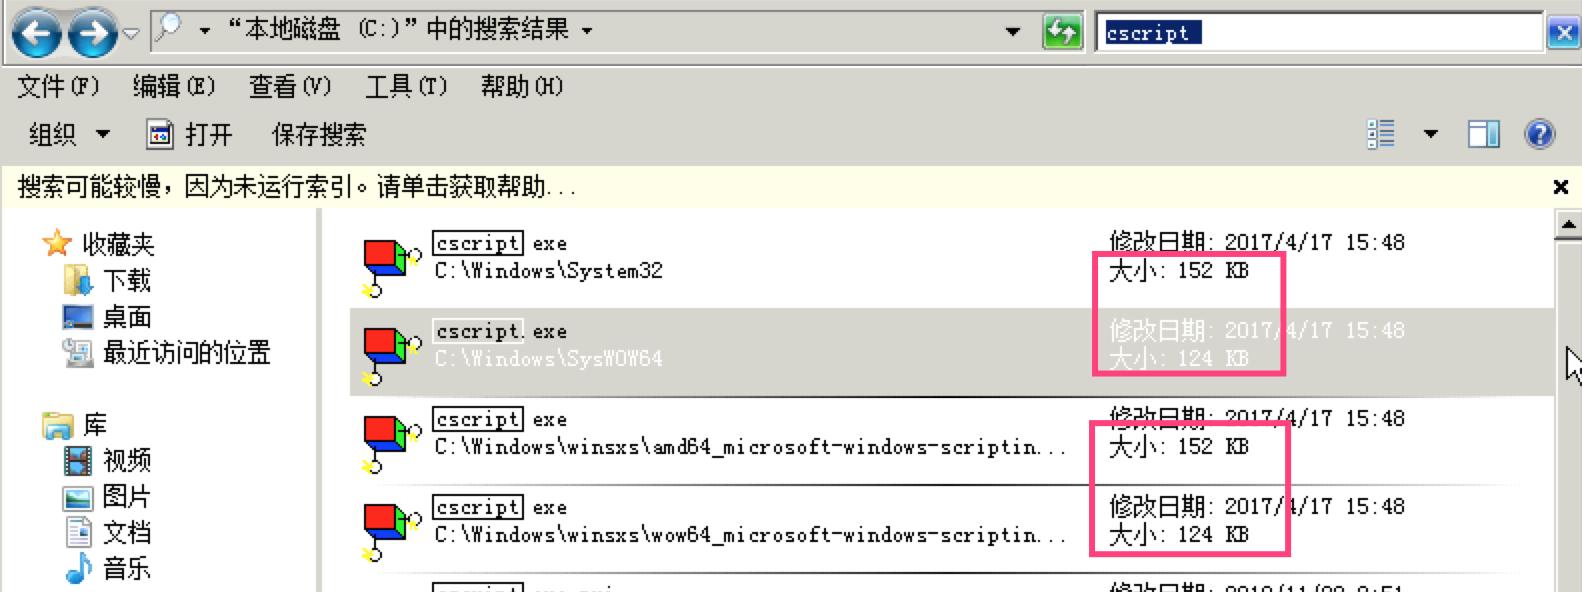 执行cscript命令激活Windows server 2008R2系统